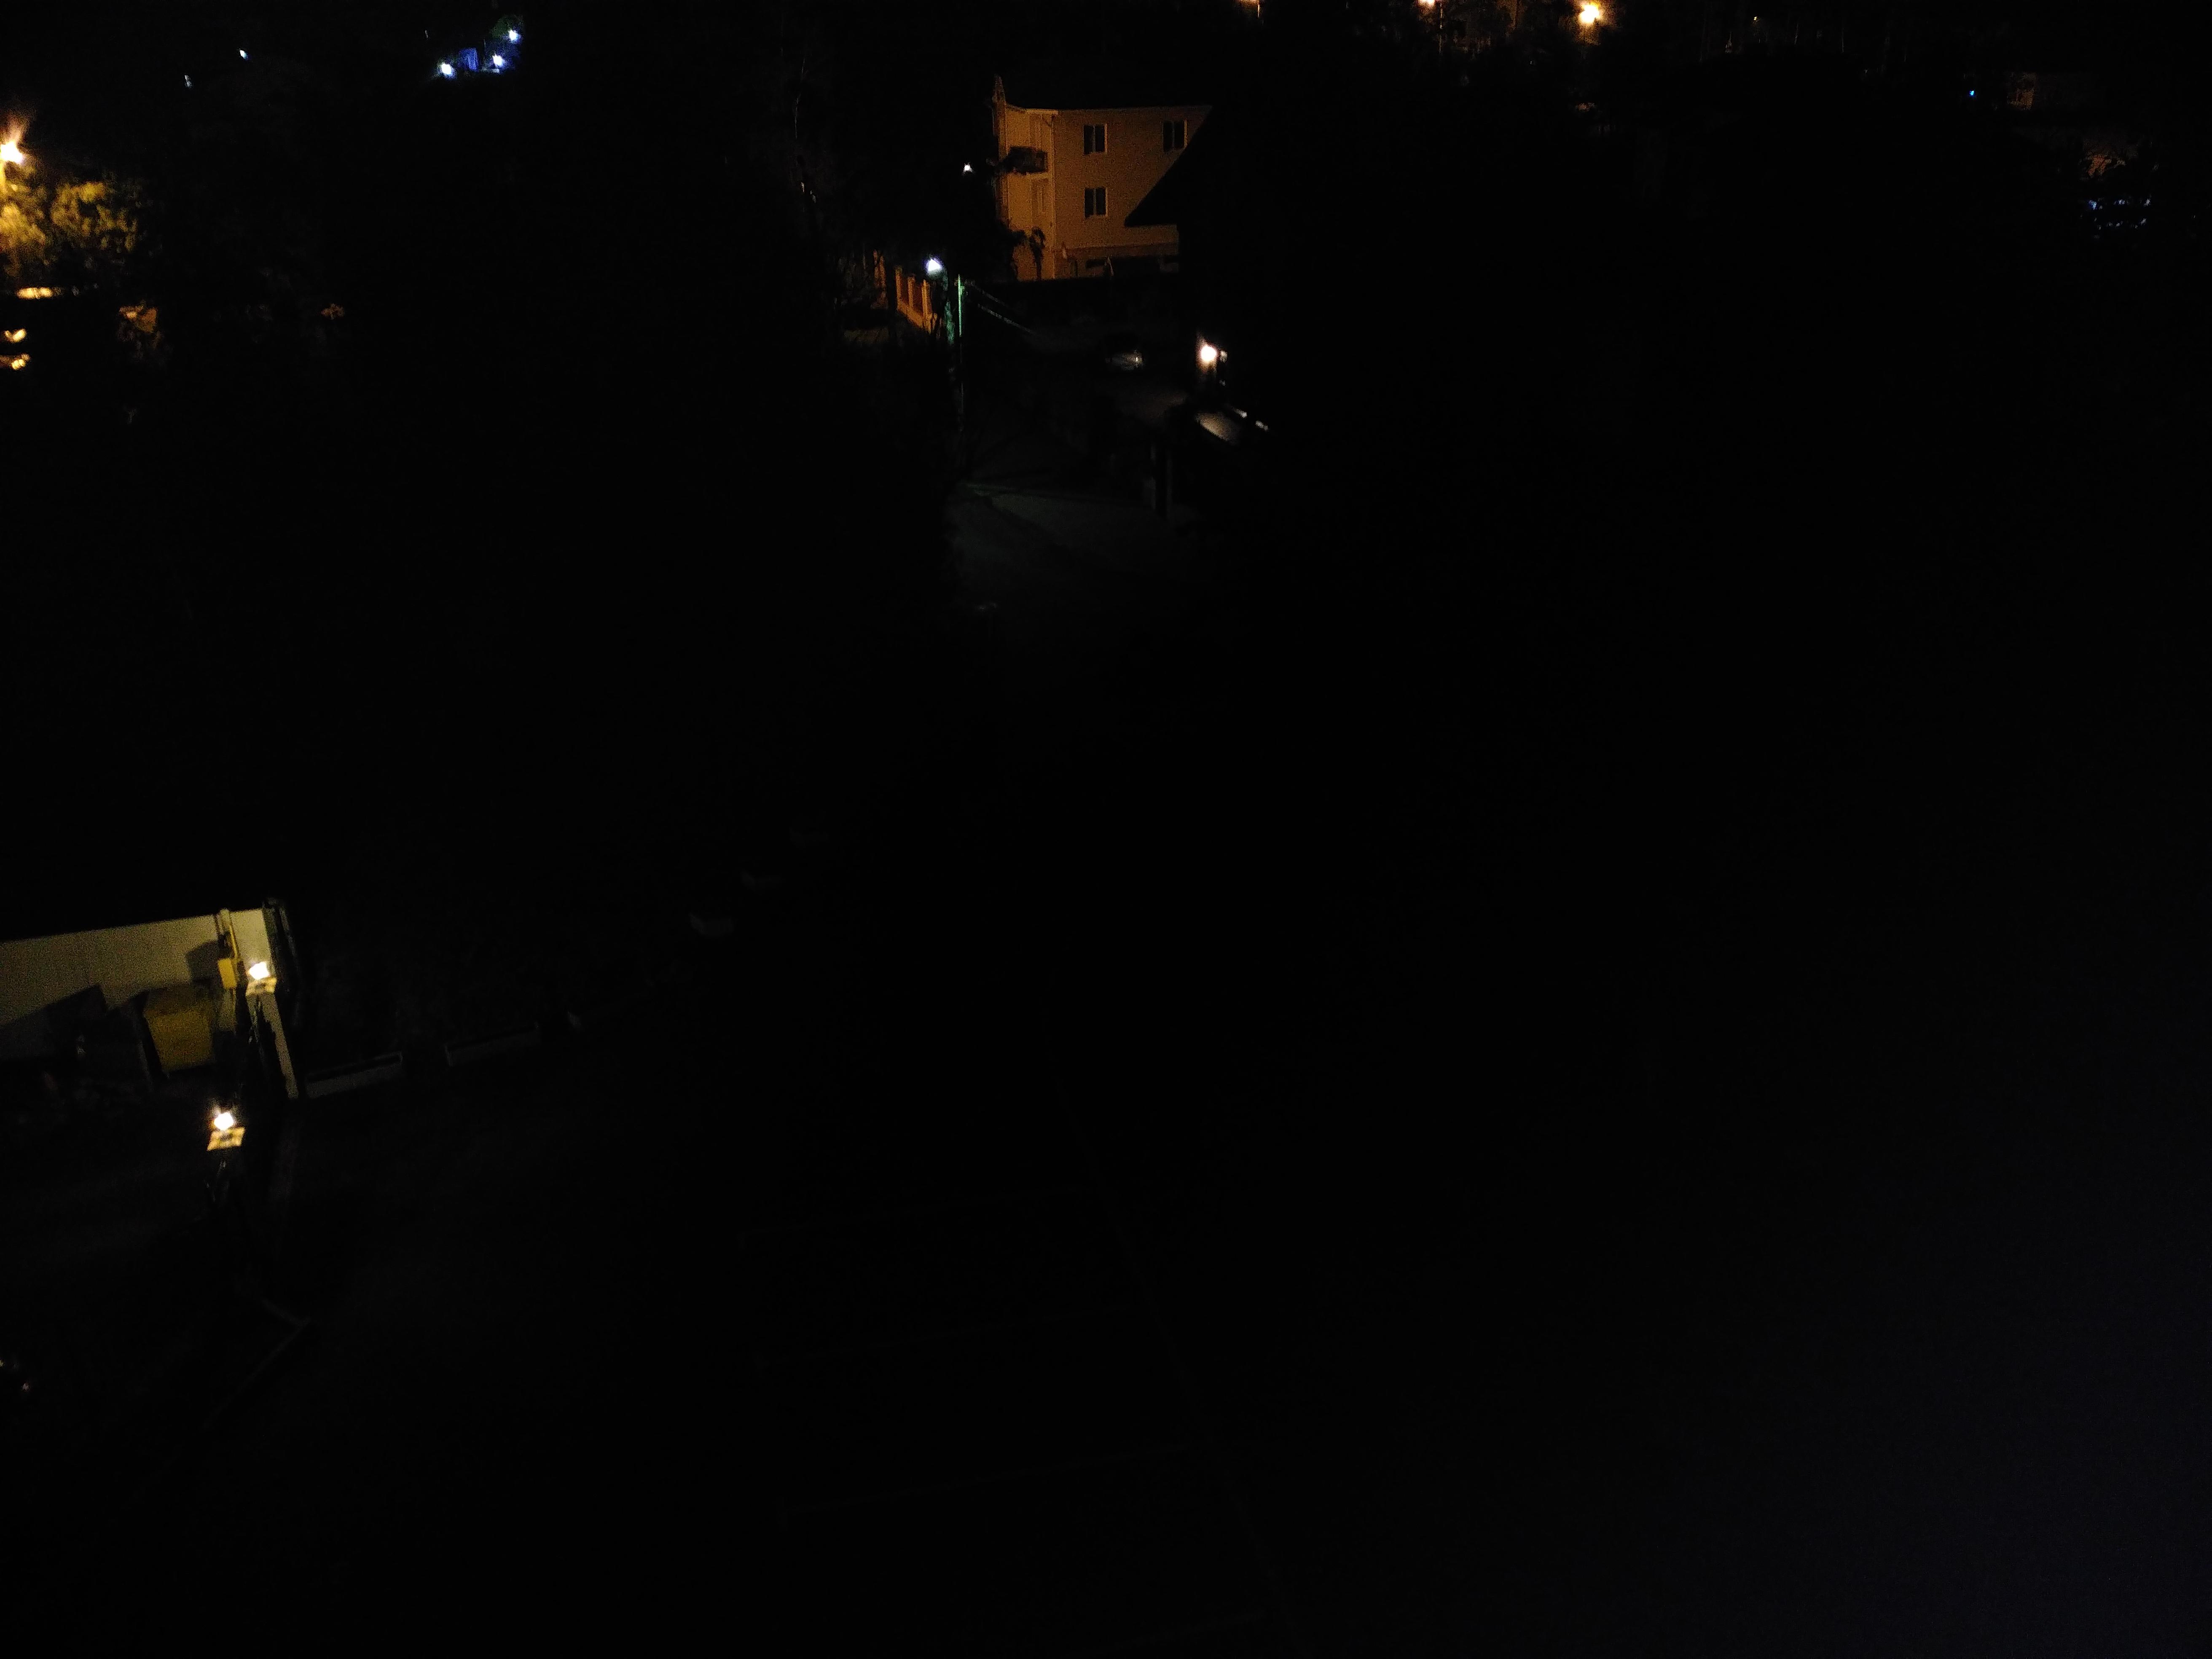 Как сделать фото ночью без вспышки